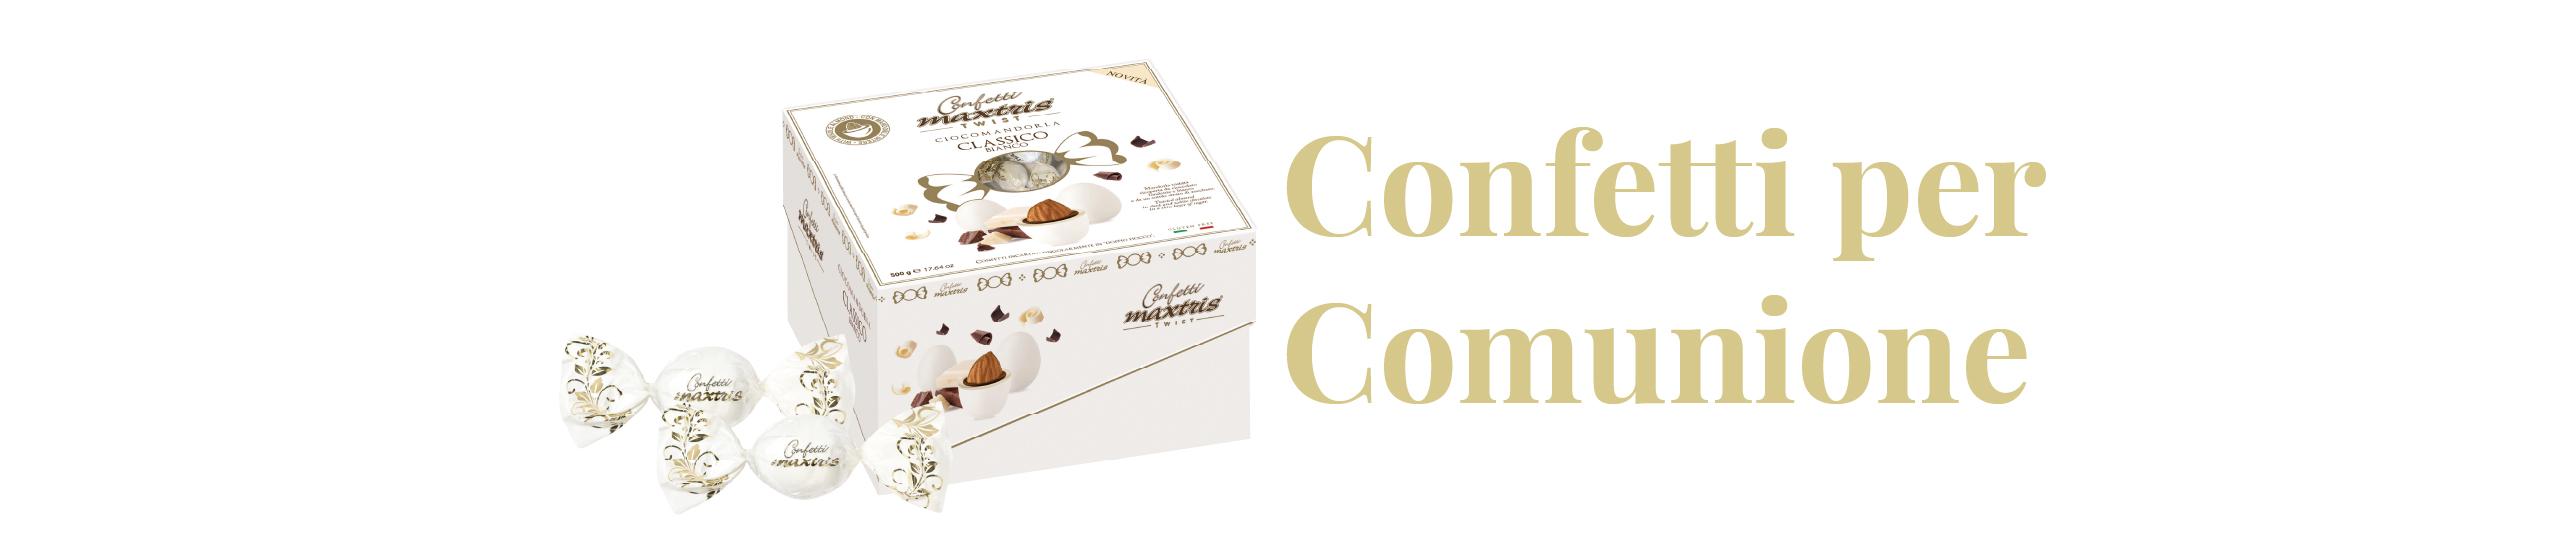 Confetti per comunione